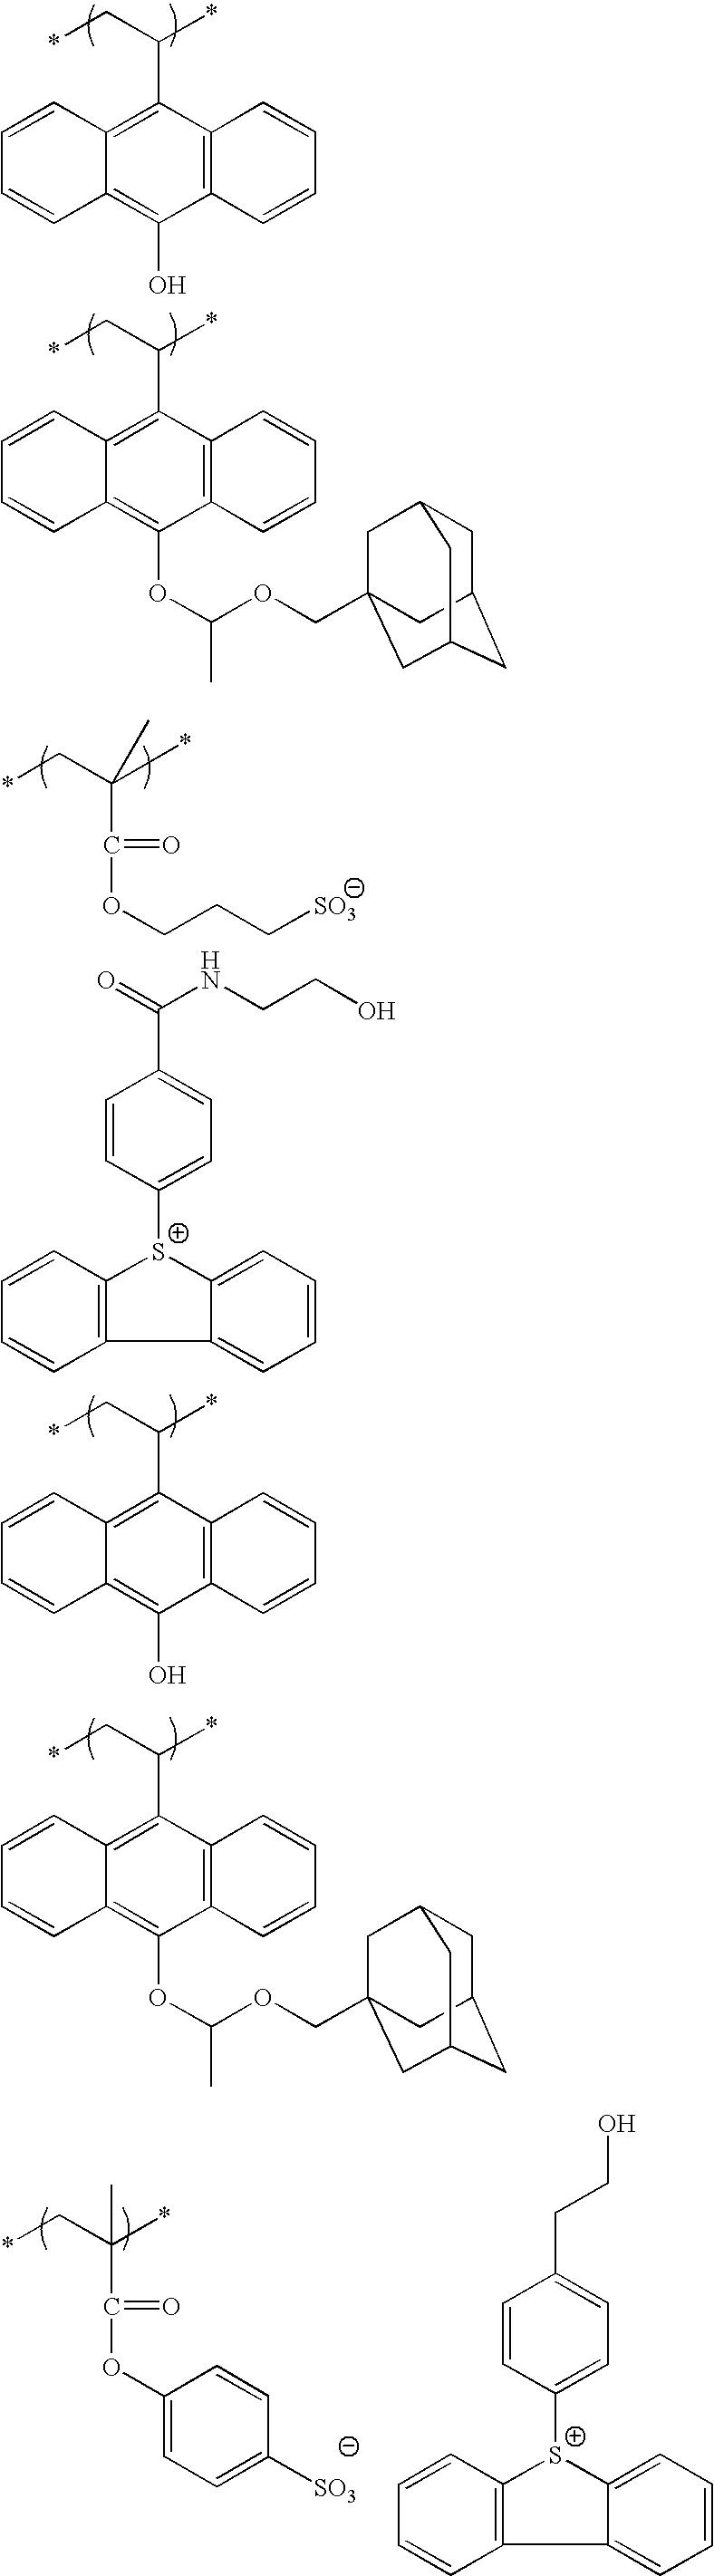 Figure US08852845-20141007-C00192